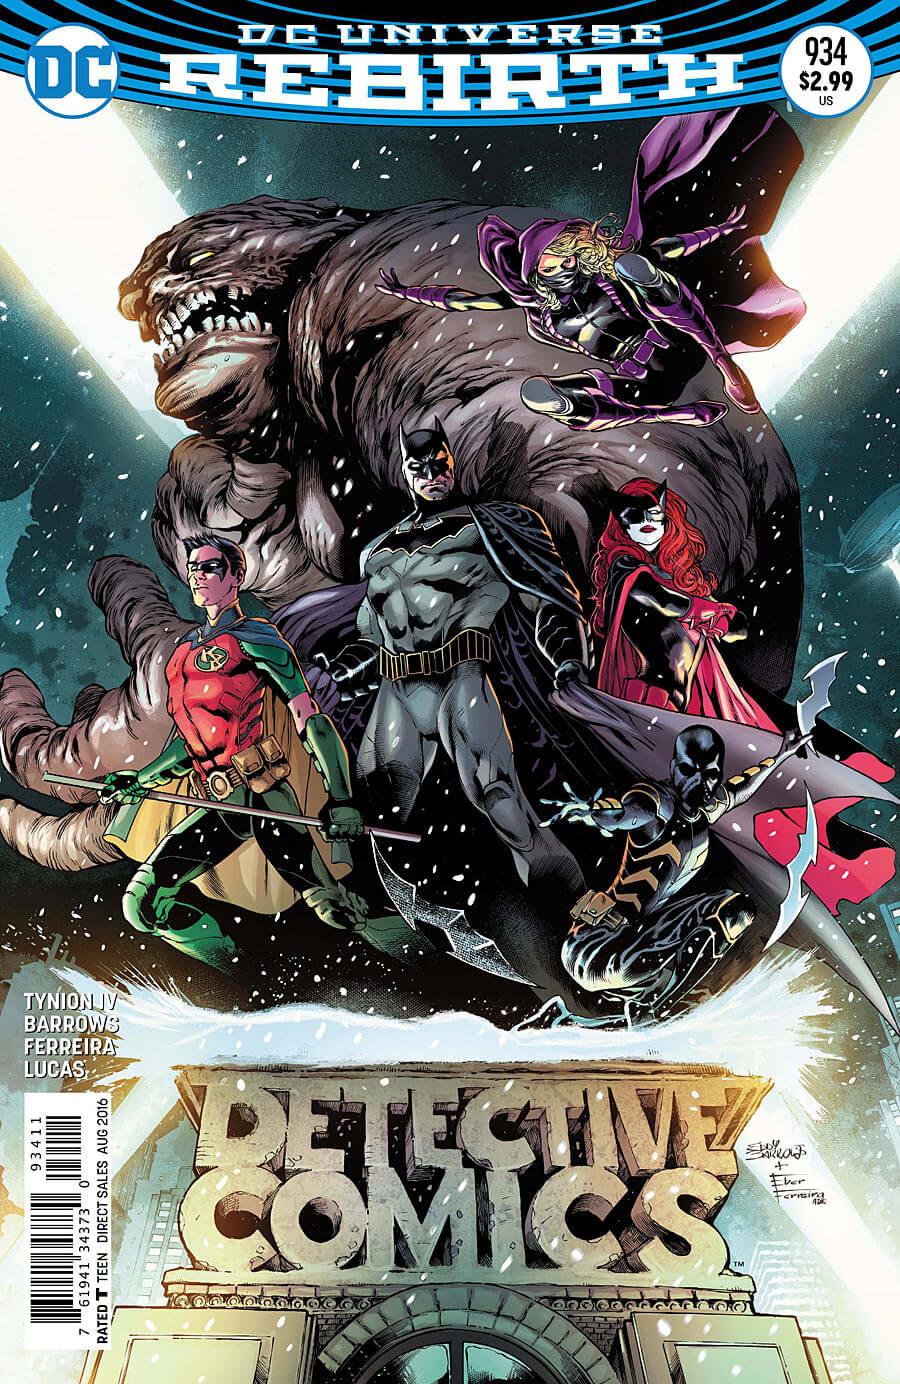 Detective Comics #934 Cover